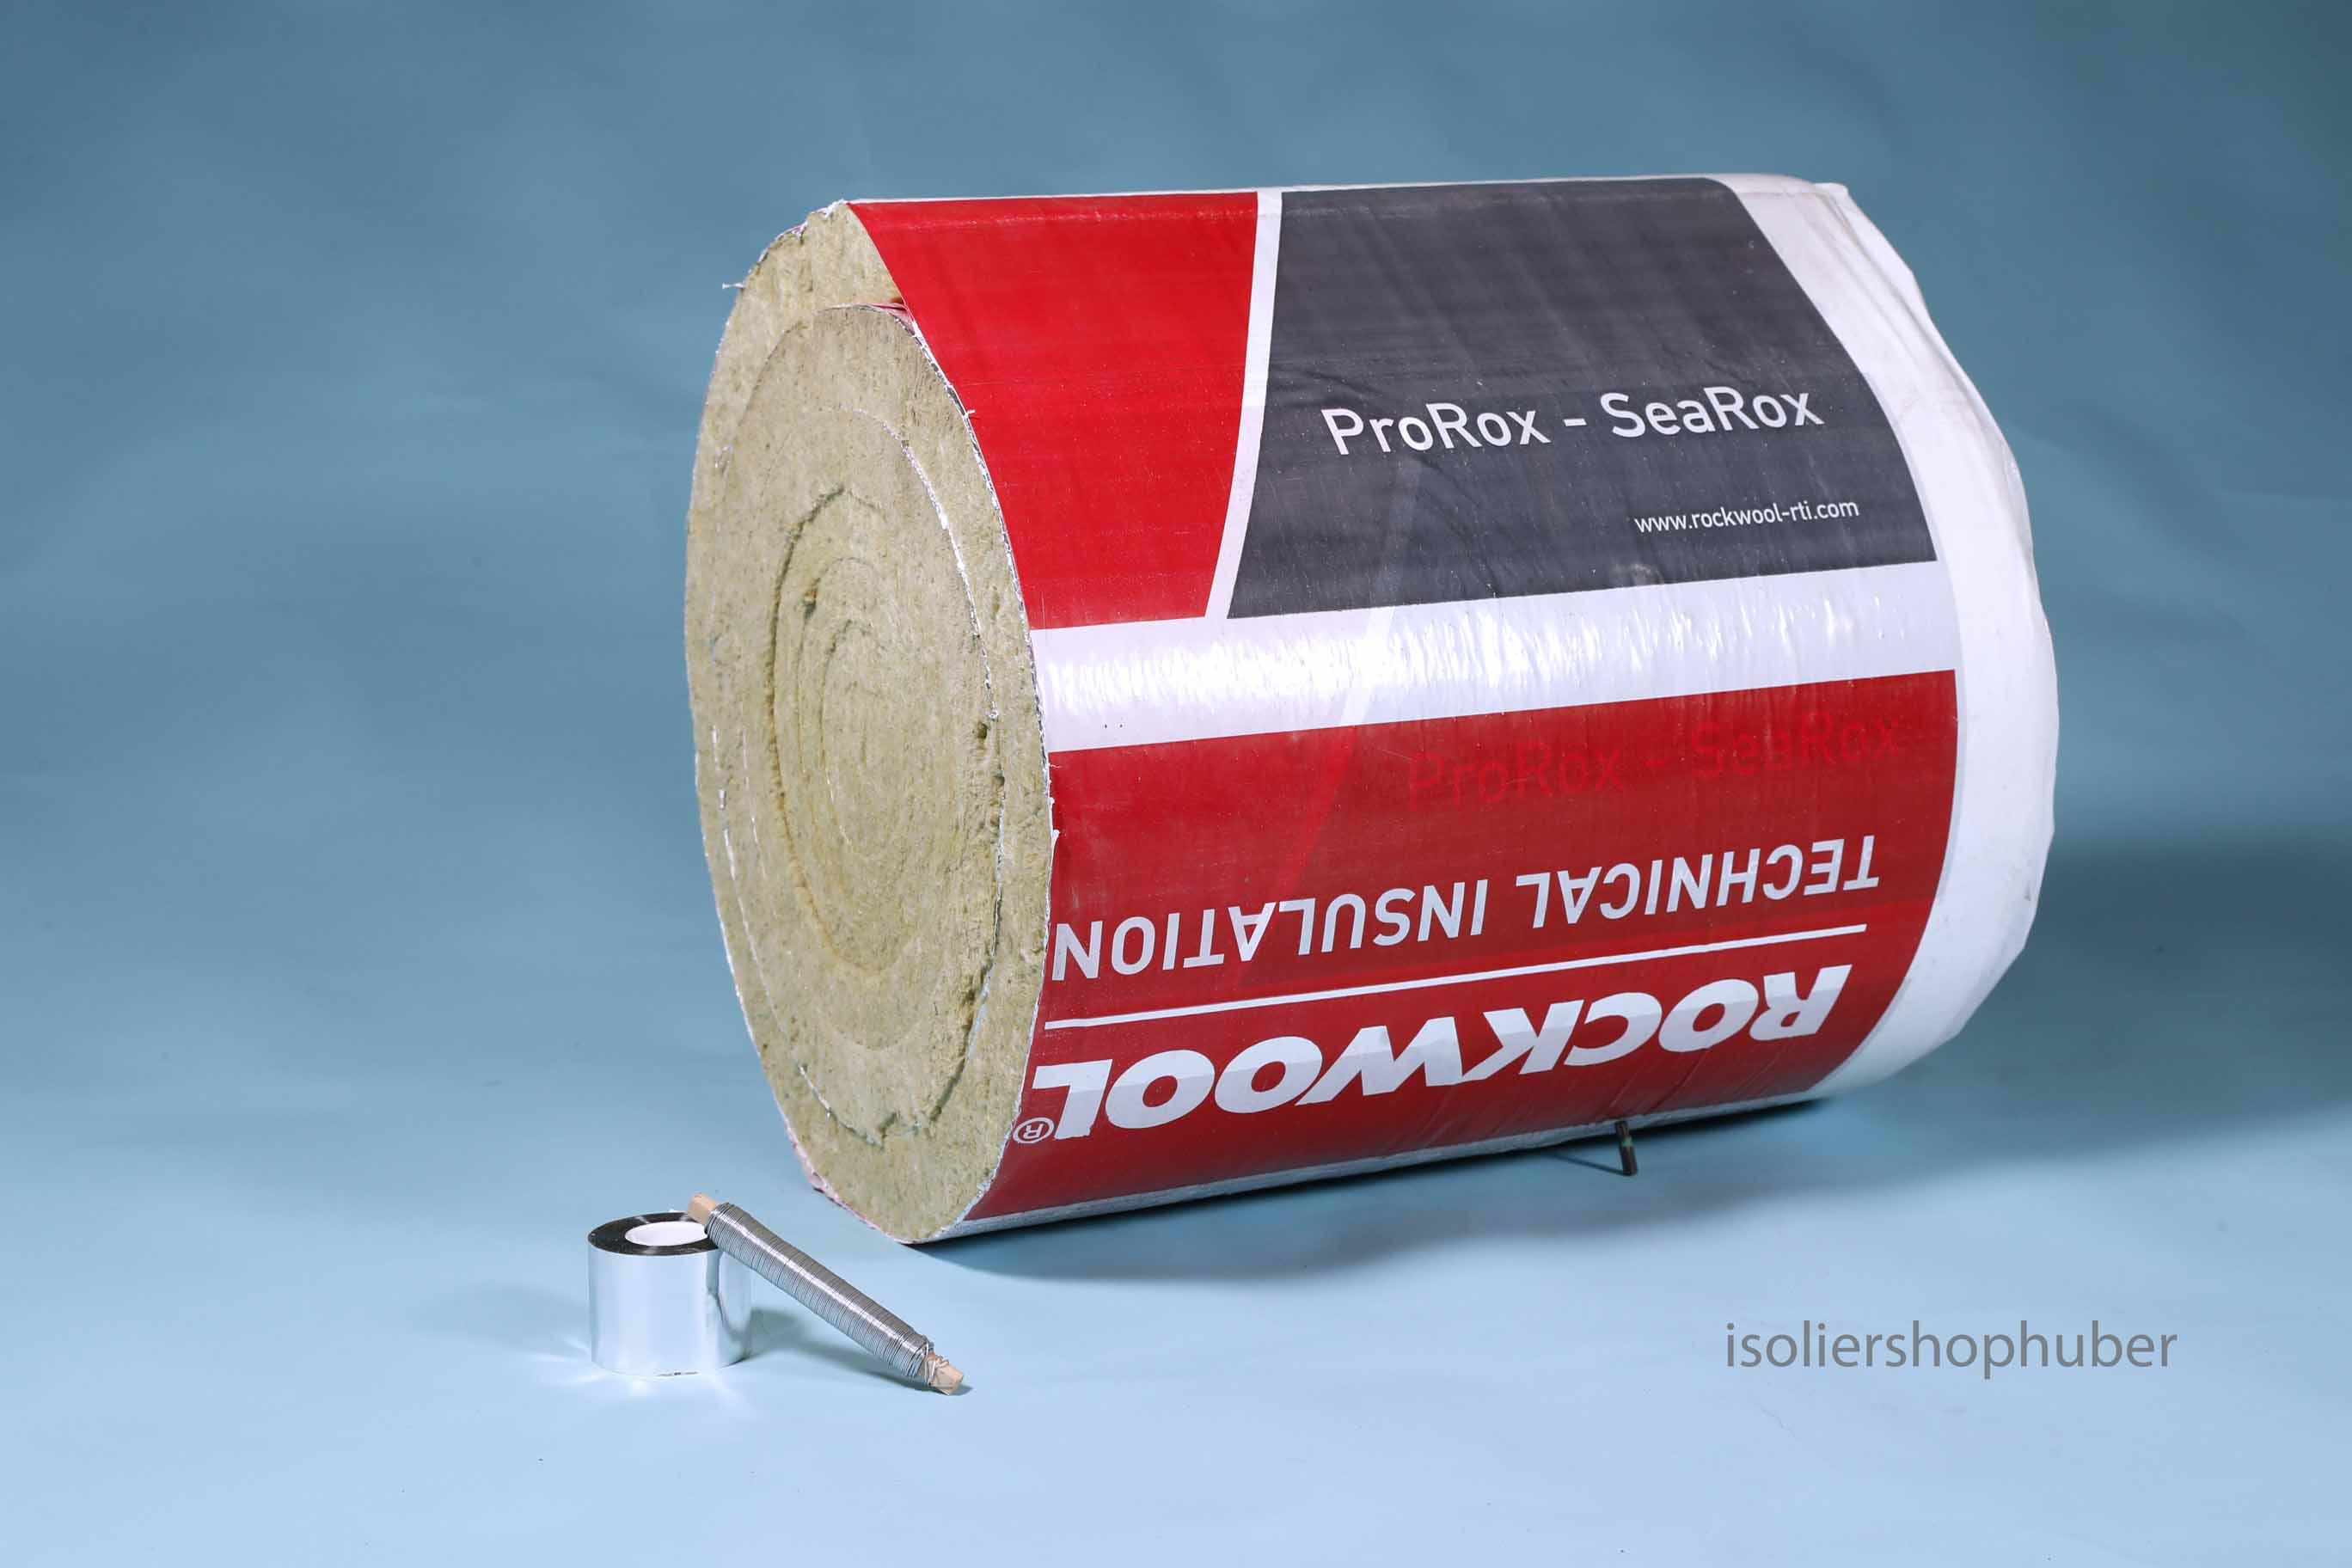 isoliershophuber 5 0 m 50 mm rauchrohr isolierung set rockwoool prorox aus steinwolle. Black Bedroom Furniture Sets. Home Design Ideas